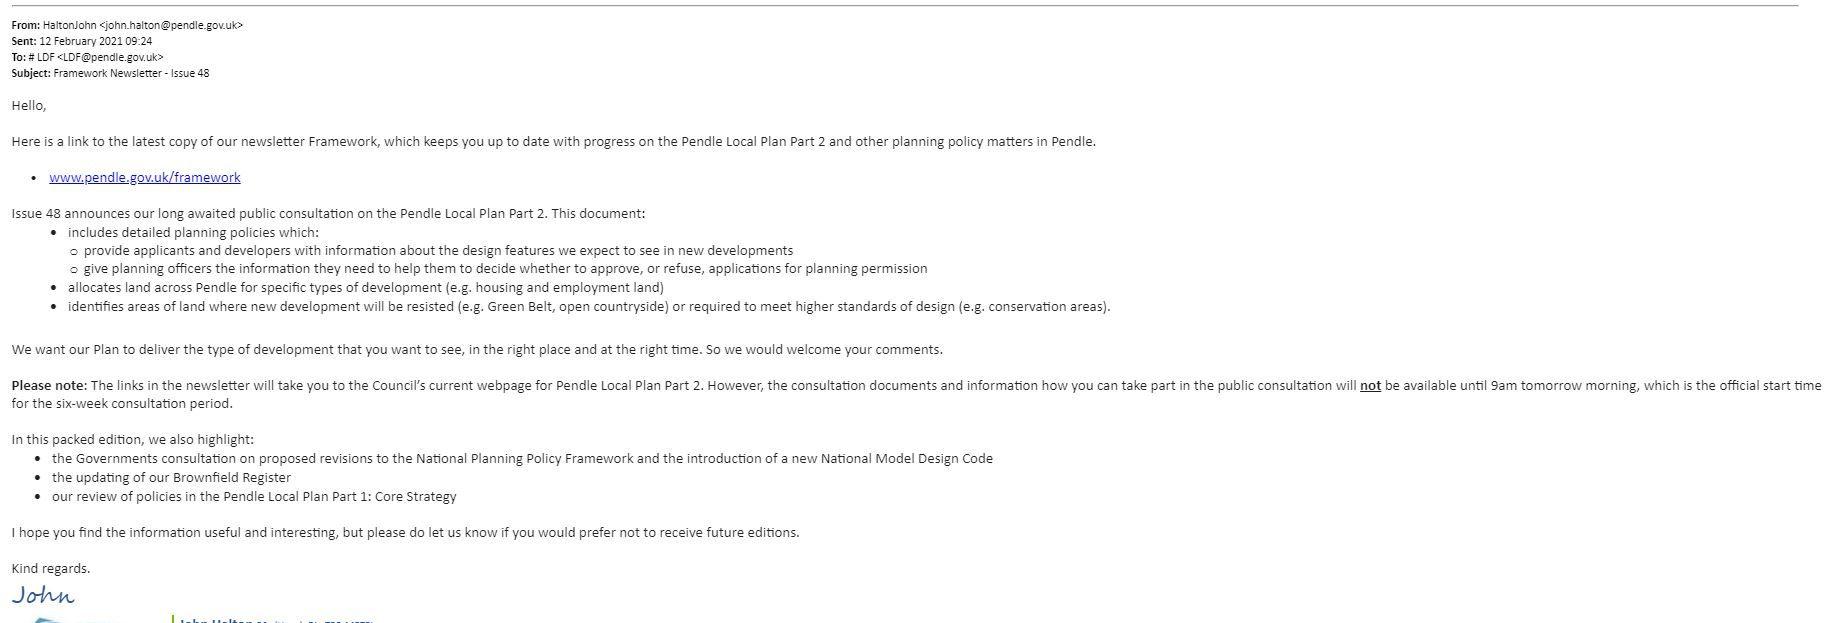 Framework News Letter Issue 48